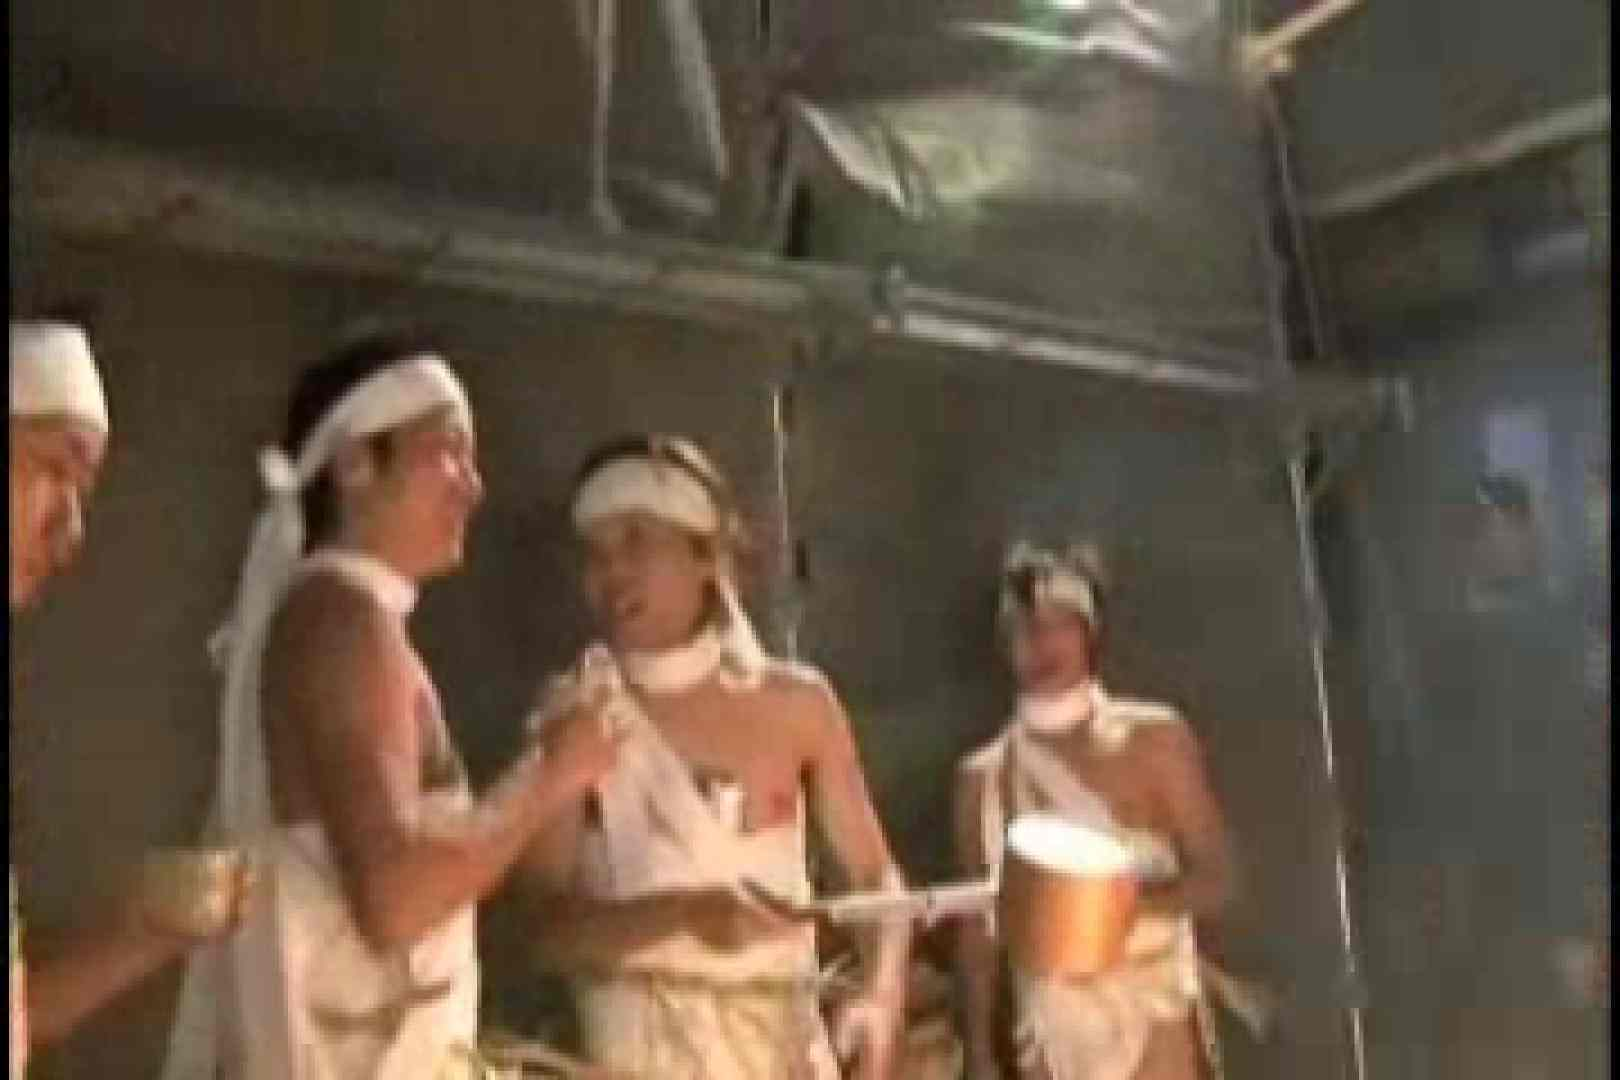 陰間茶屋 男児祭り VOL.7 男どうし | 野外露出動画 ゲイ無料無修正画像 110pic 59